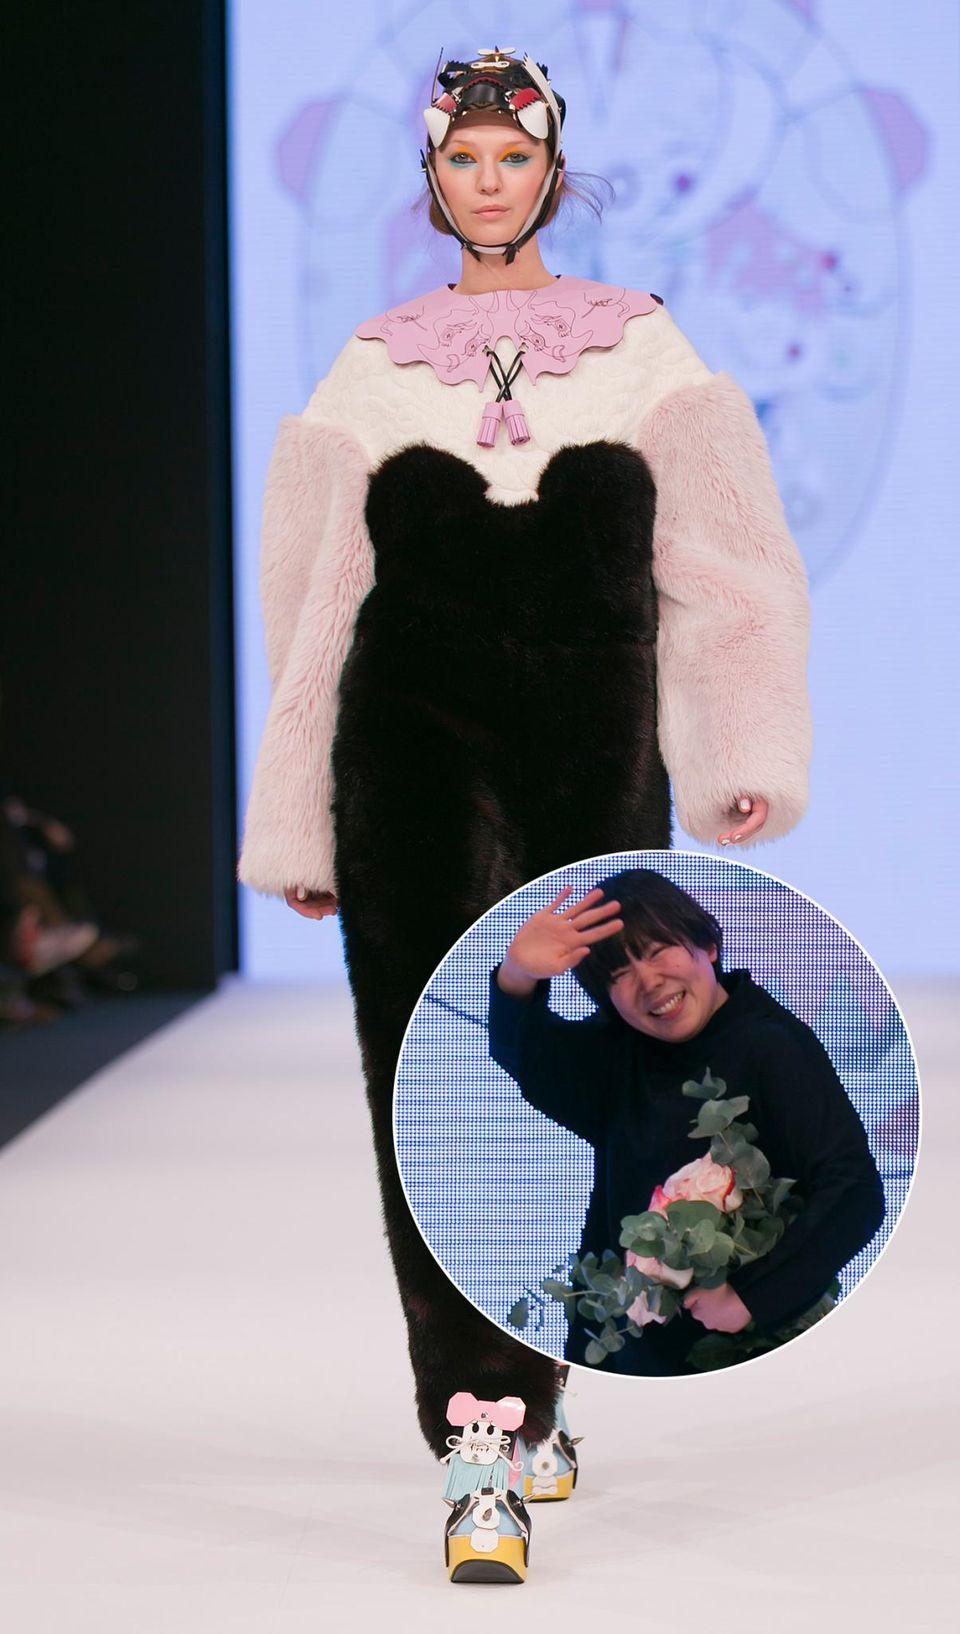 Die Zukunft der skandinavischen Mode: Eine prominente Jury verlieh im Januar den H&M Design Award an die Südkoreanerin Minju Kim. Ihre Mangainspirierte Gewinnerkollektion geht sogar in Produktion.